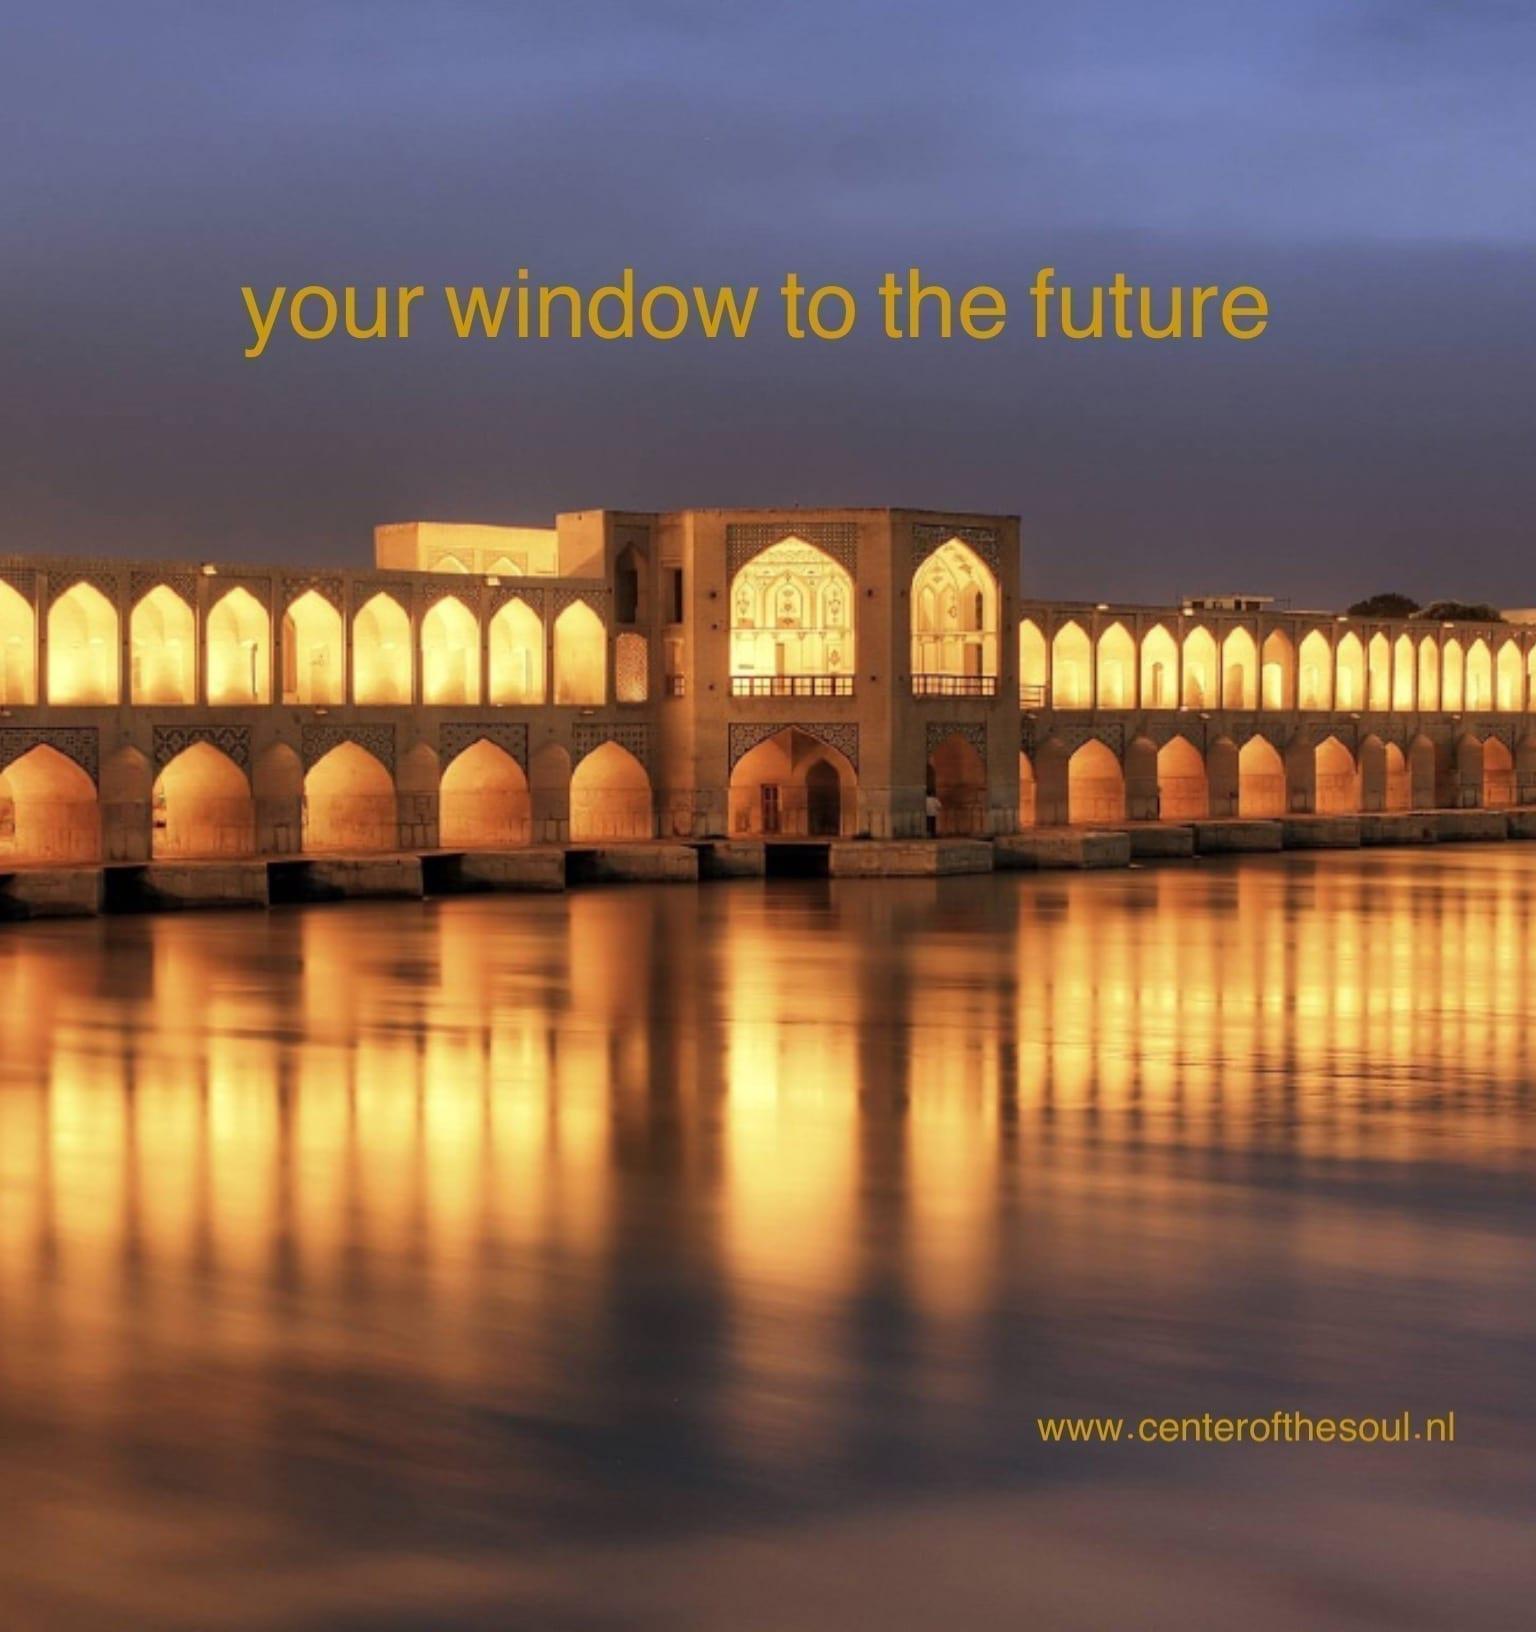 Jouw raam naar de toekomst.